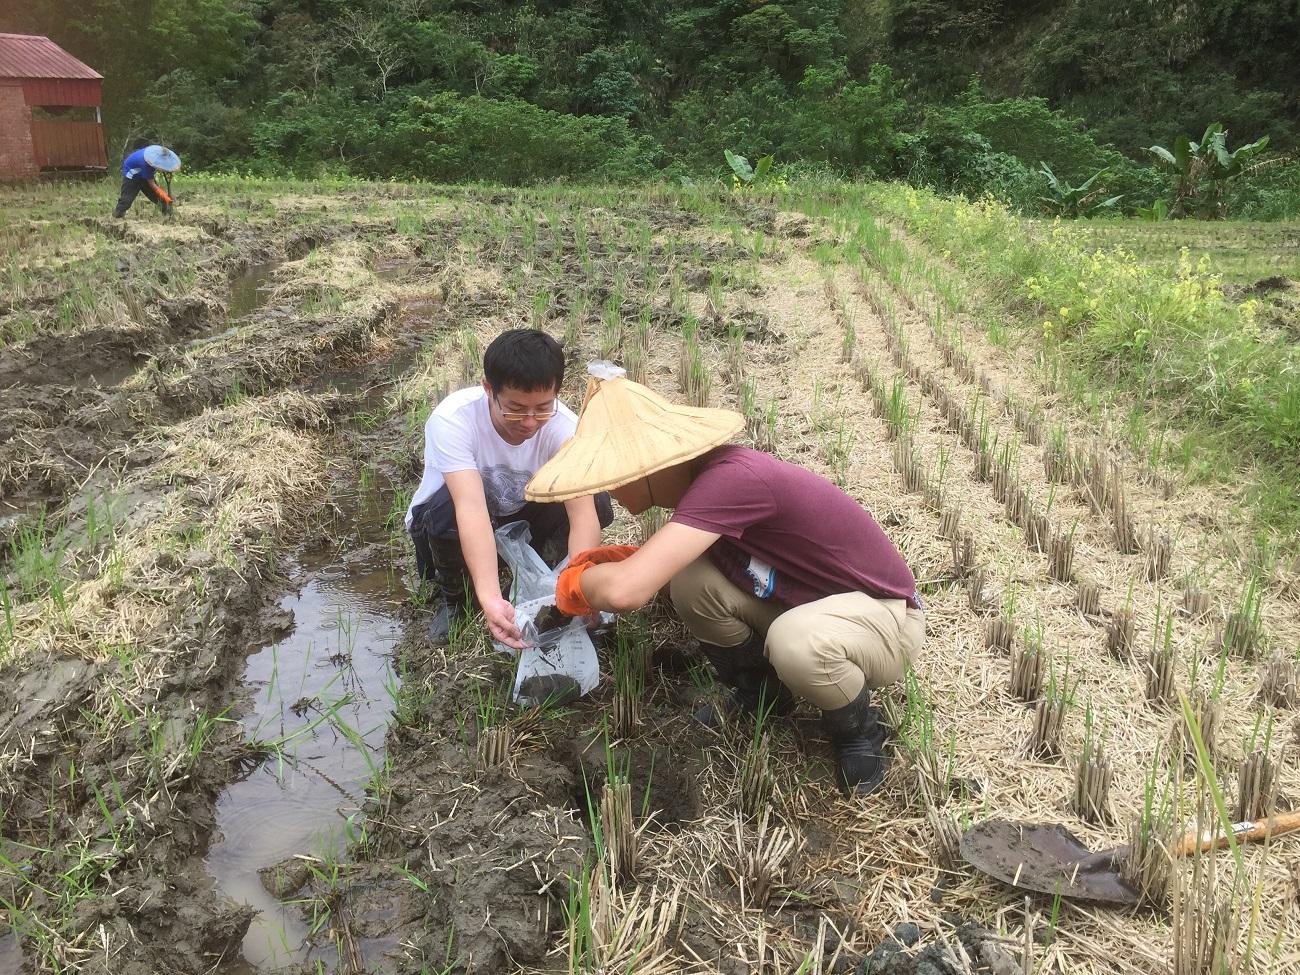 花蓮農改場提供免費土壤健康檢查服務